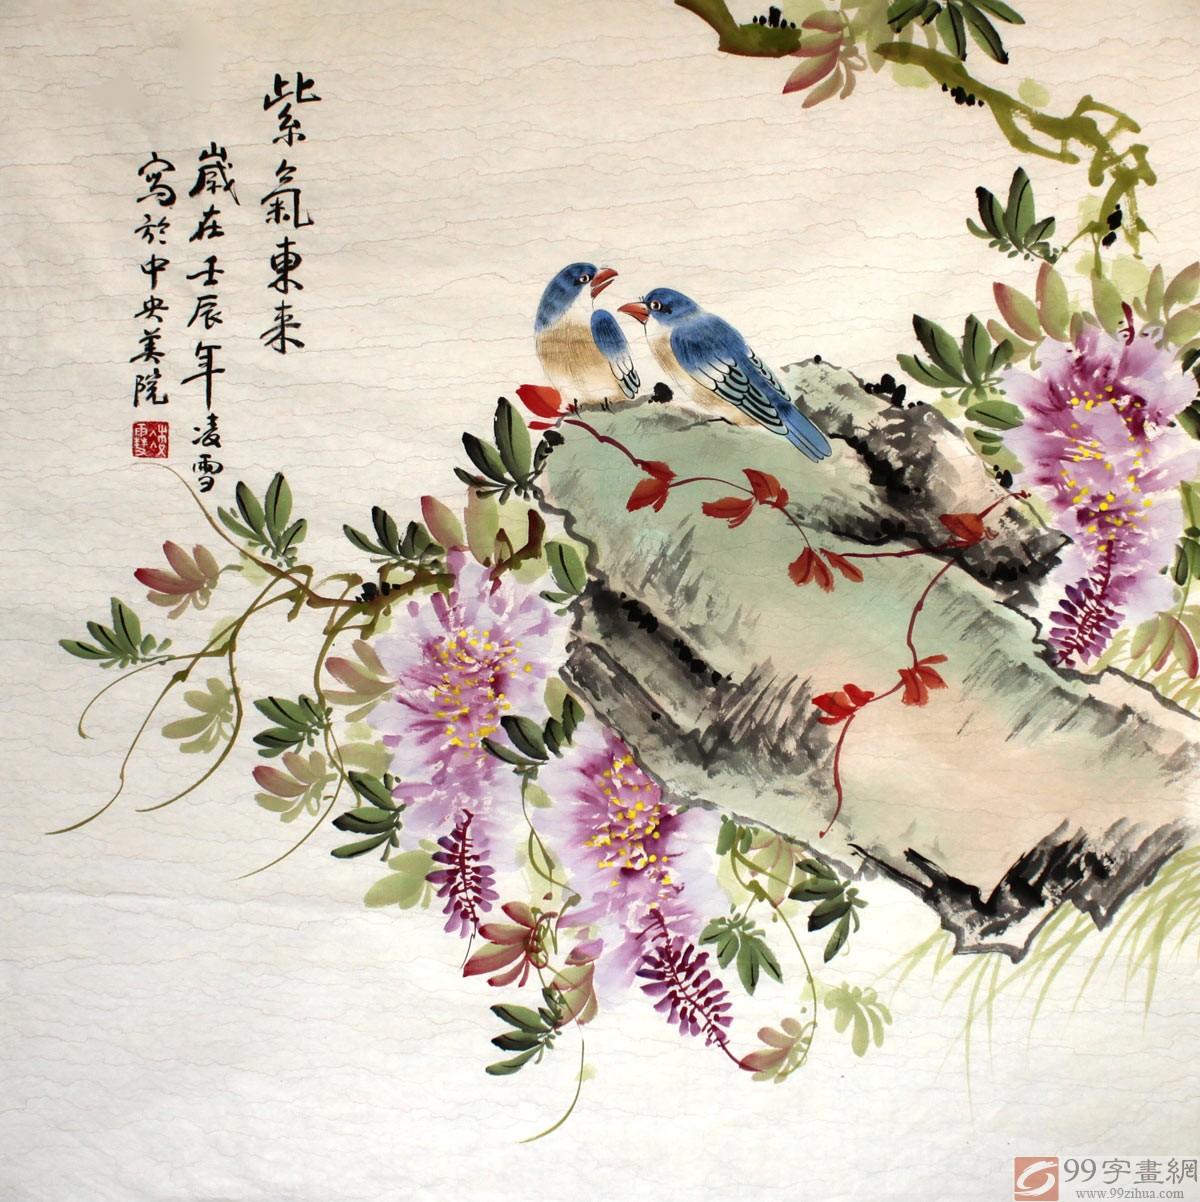 凌雪小写意国画 - 紫藤 - 99字画网图片